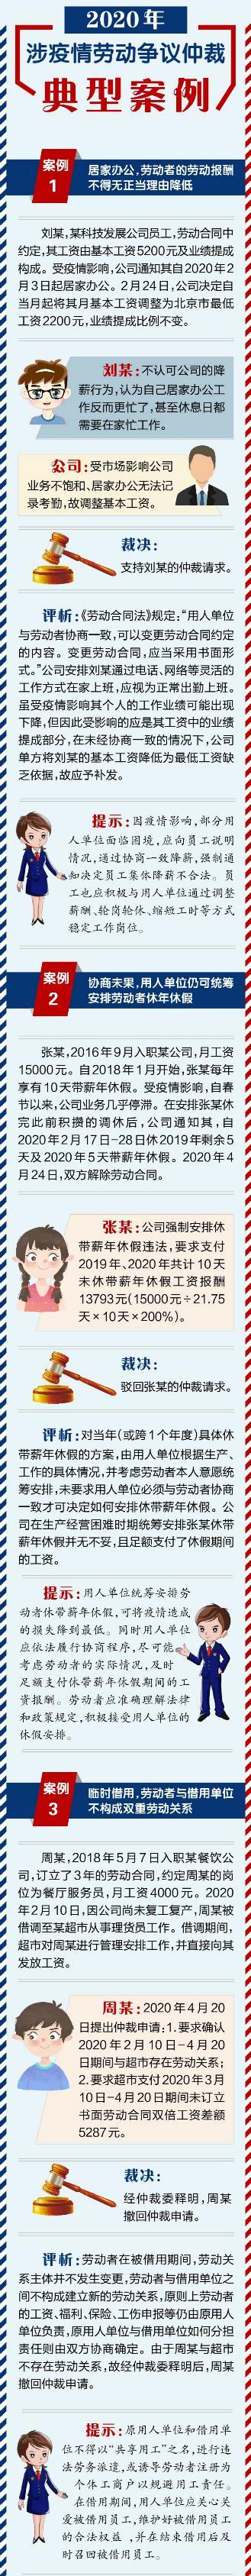 居家办公报酬降不降?北京涉疫情劳动争议十大案例给出答案图片